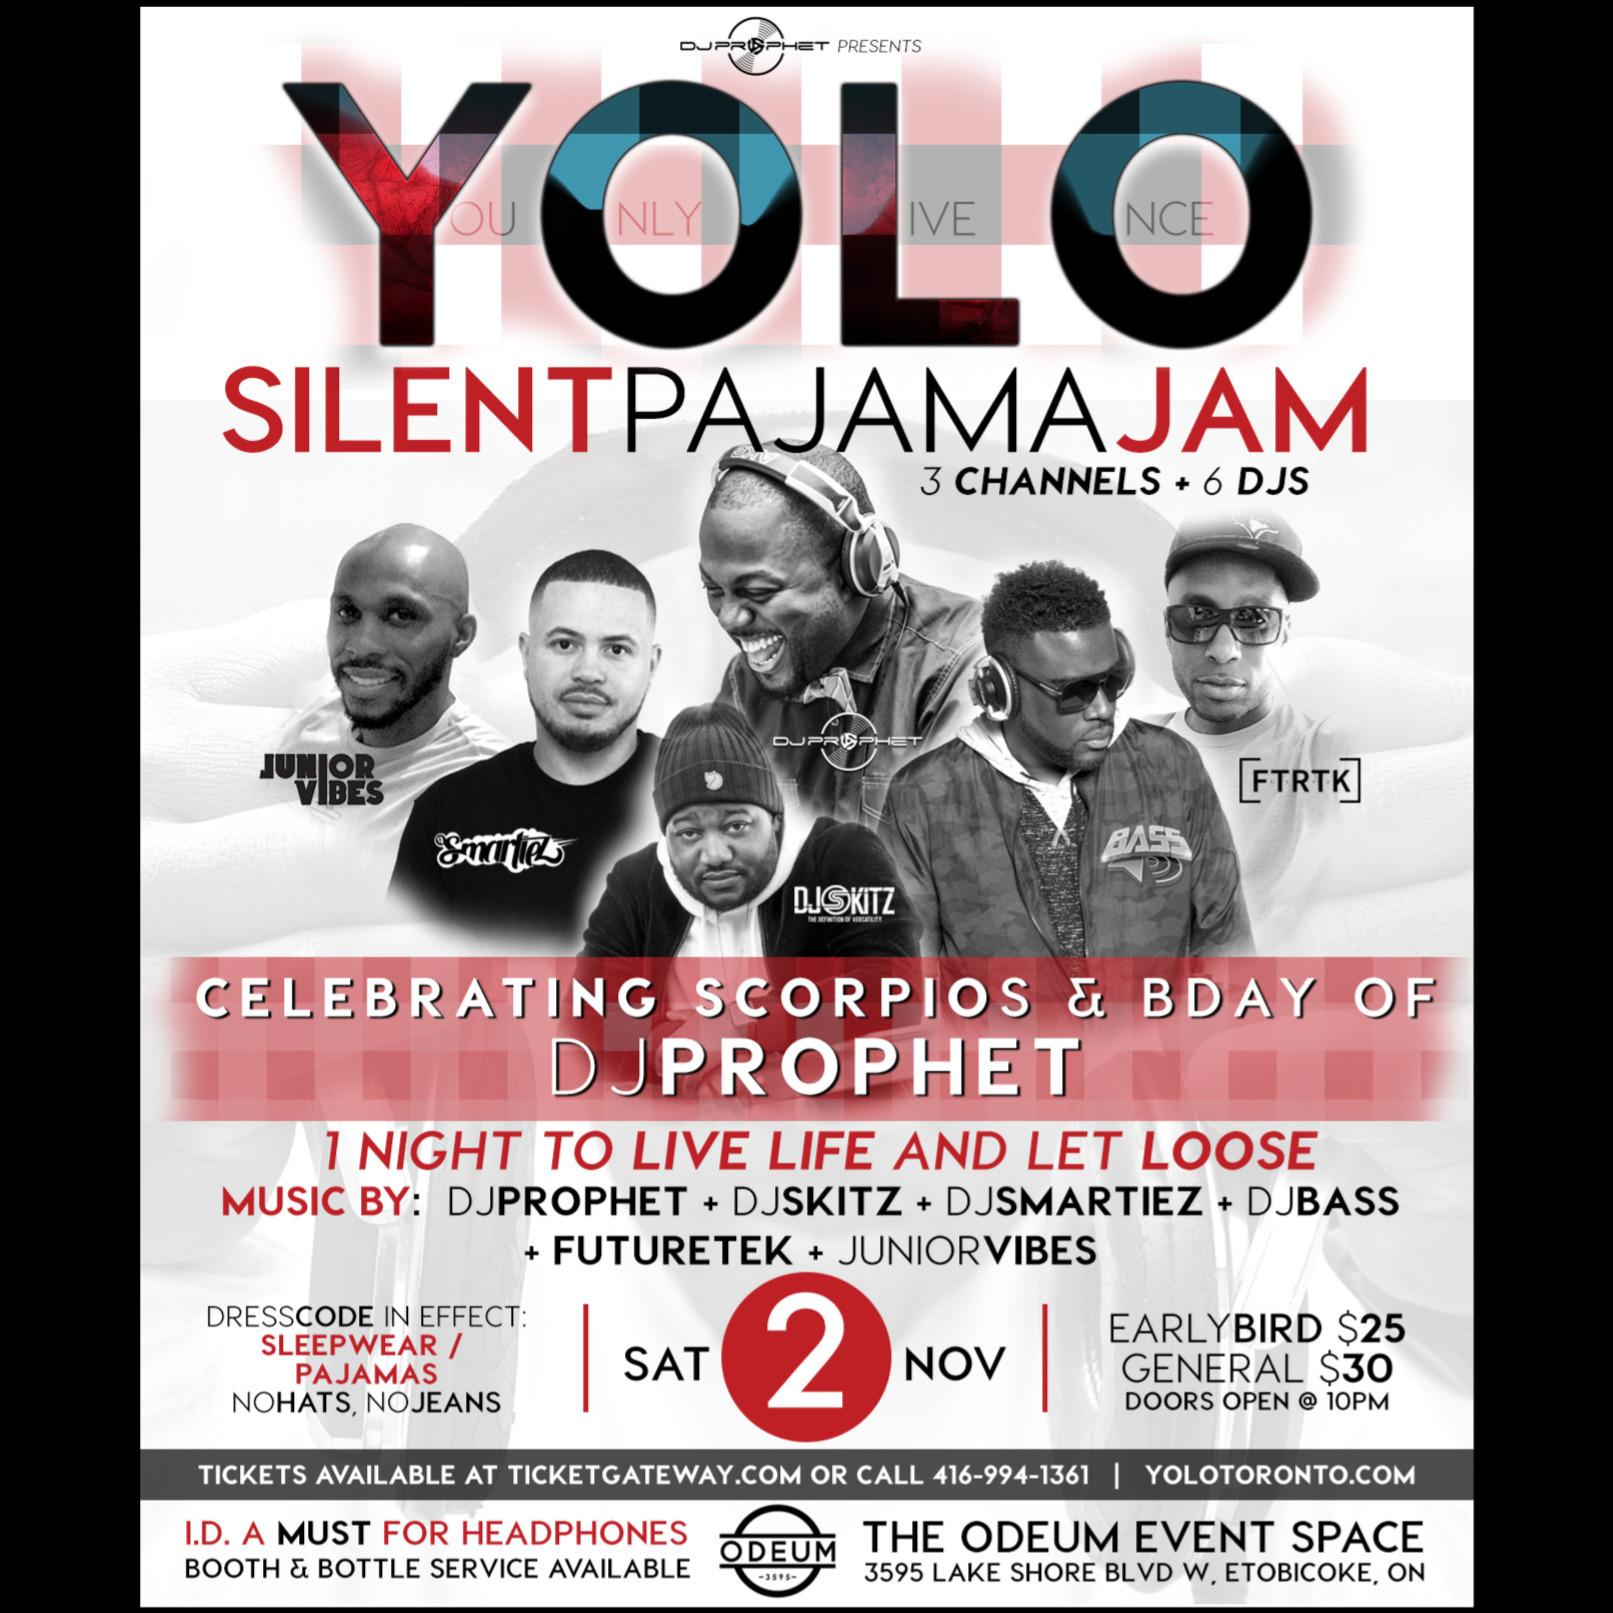 Yolo Silent Pajama Jam